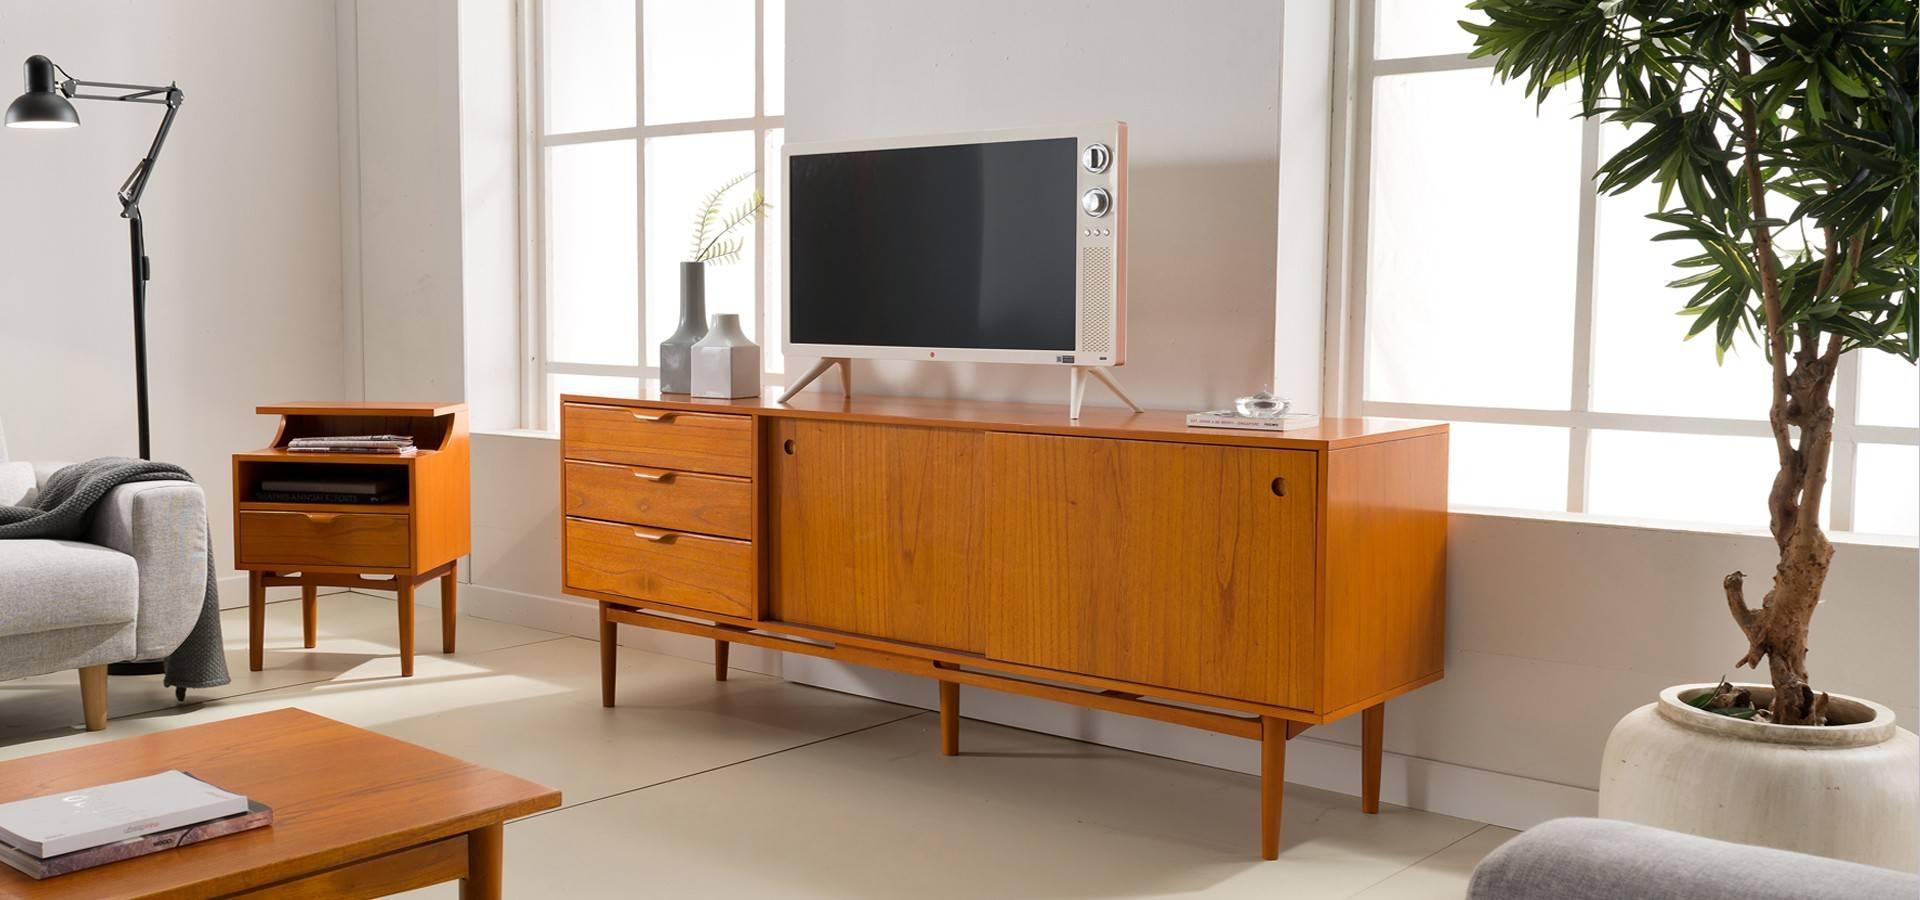 Vintage Sideboard (Tv Cabinet) - Vintage Danish - Series intended for Danish Retro Sideboards (Image 15 of 15)